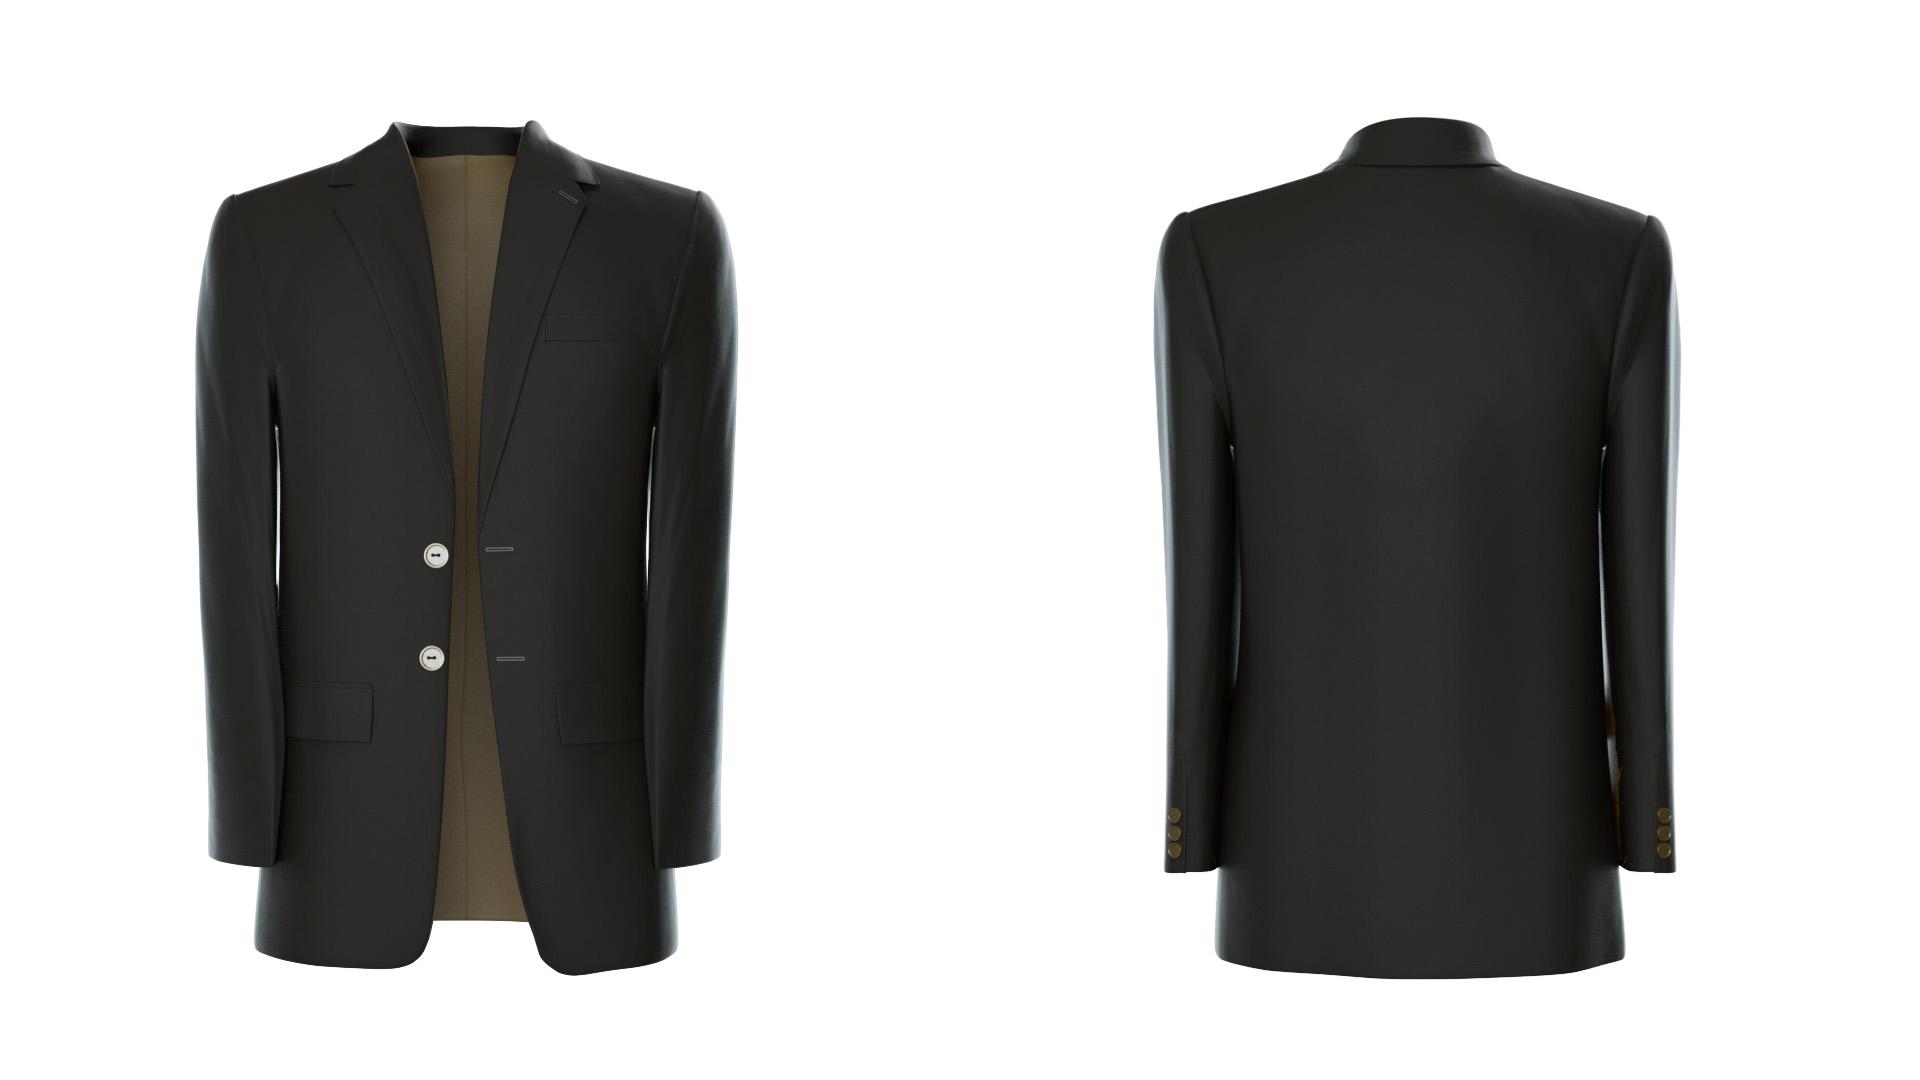 turning suit_2_FULL6.jpg